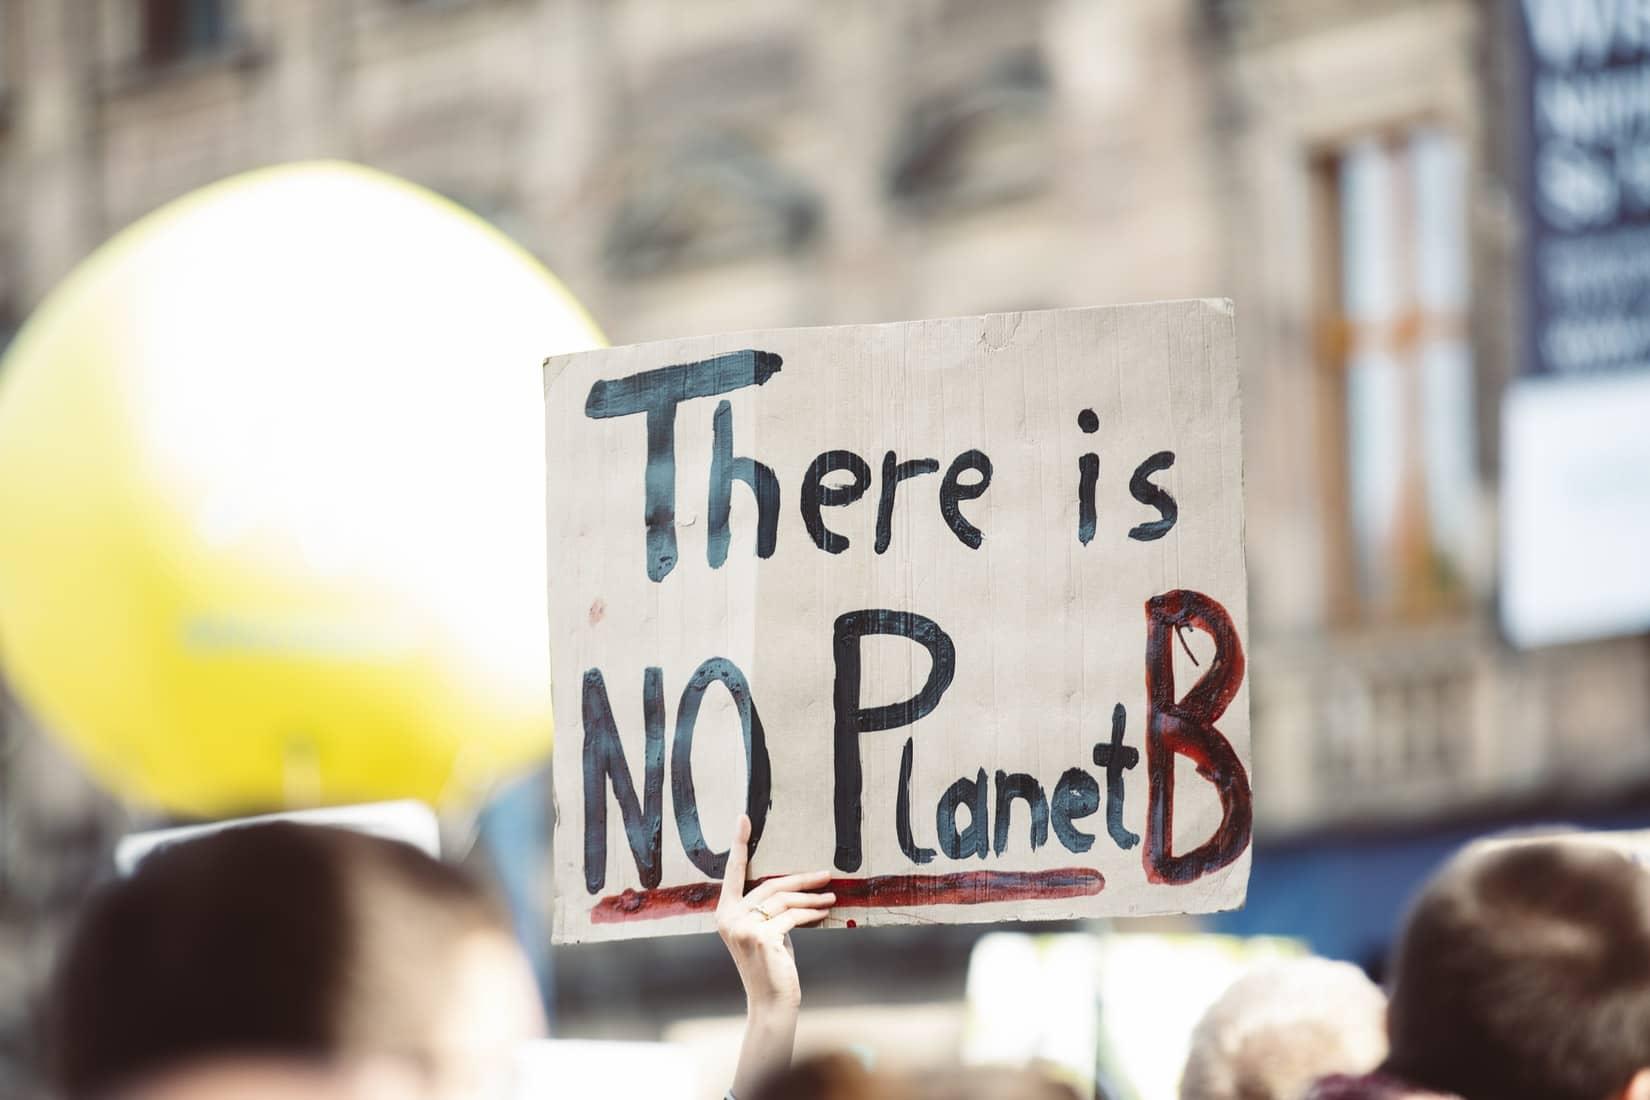 İklim Değişikliğine Çözüm Yapay Zeka Mı?